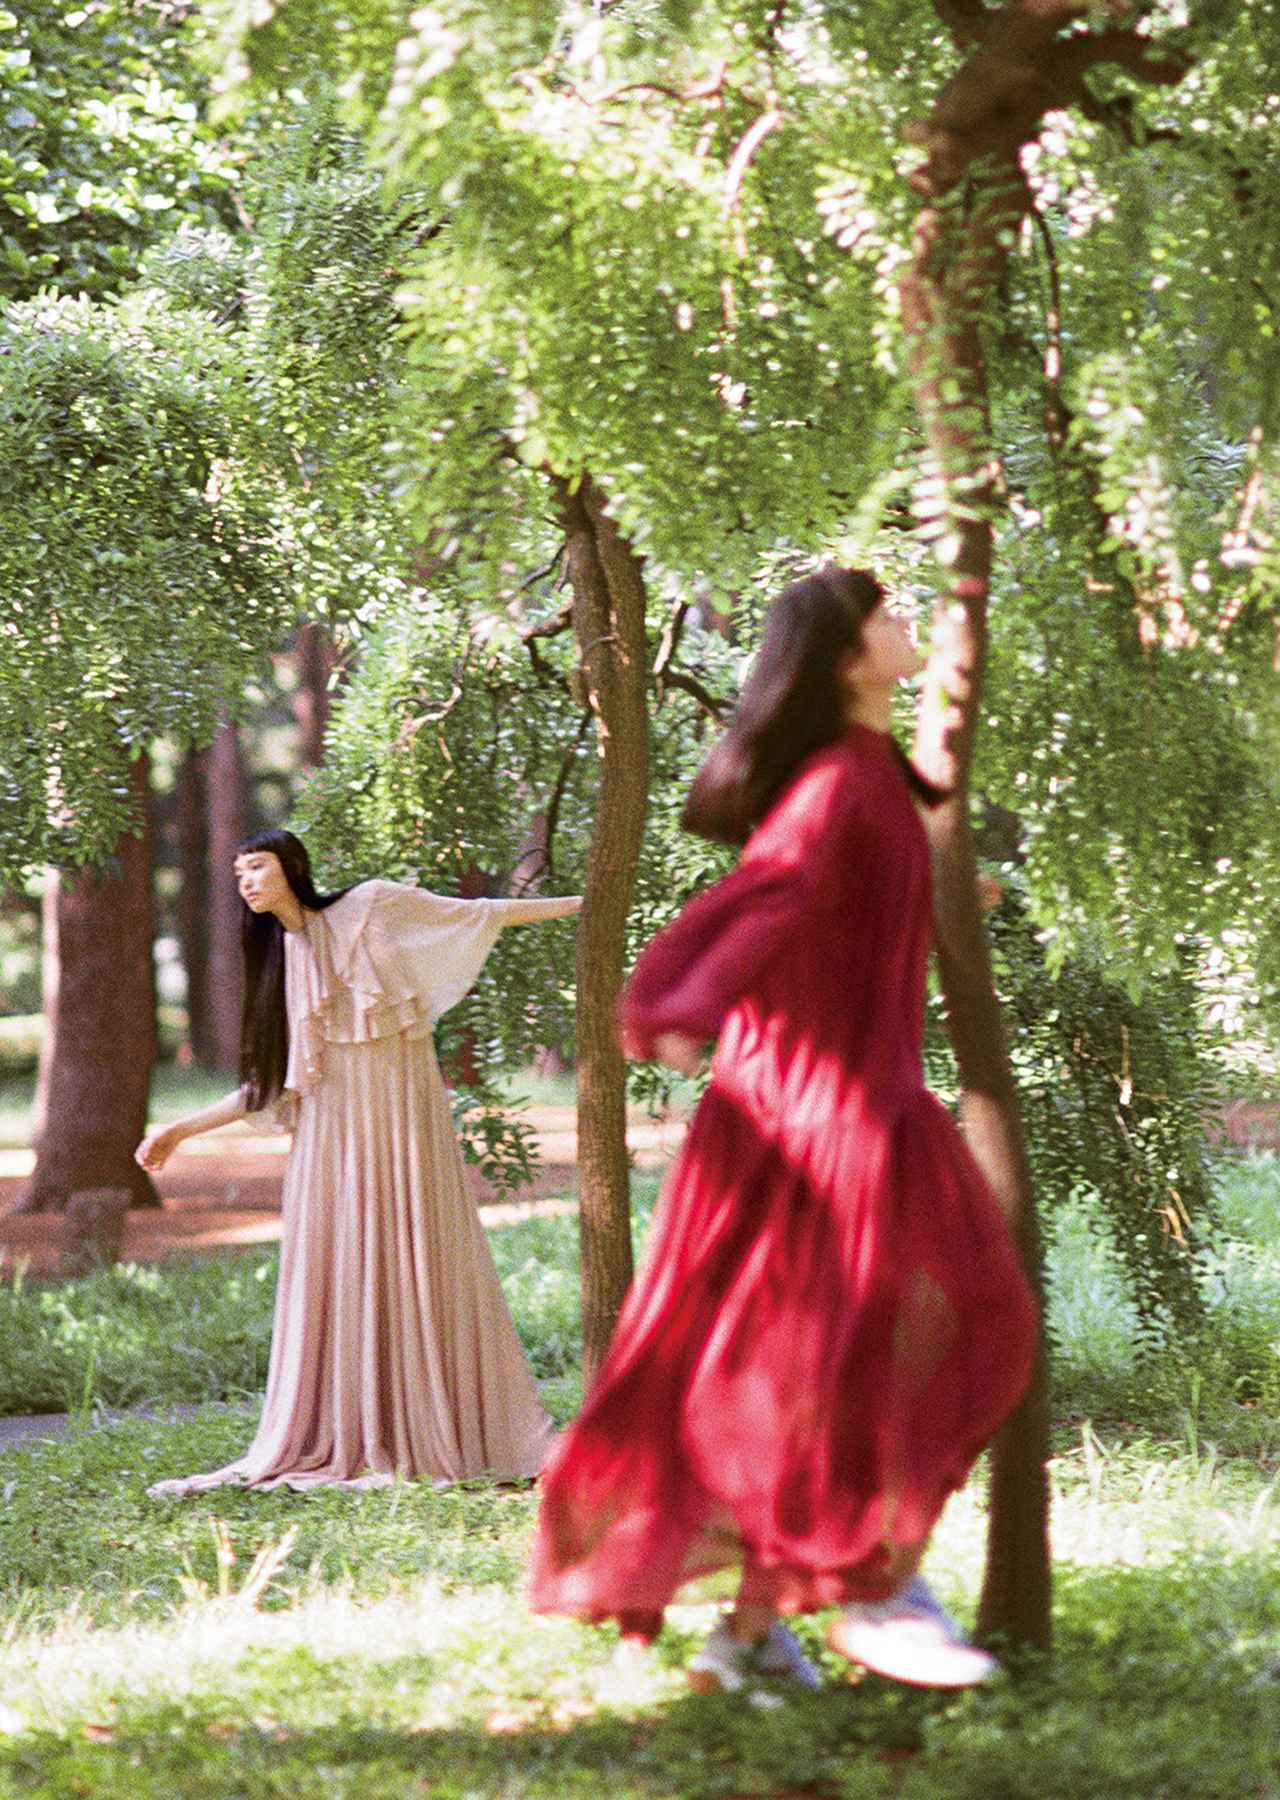 Images : 4番目の画像 - 「日々是好日、ドレス日和 ―― 明日からドレスで自由に生きる」のアルバム - T JAPAN:The New York Times Style Magazine 公式サイト